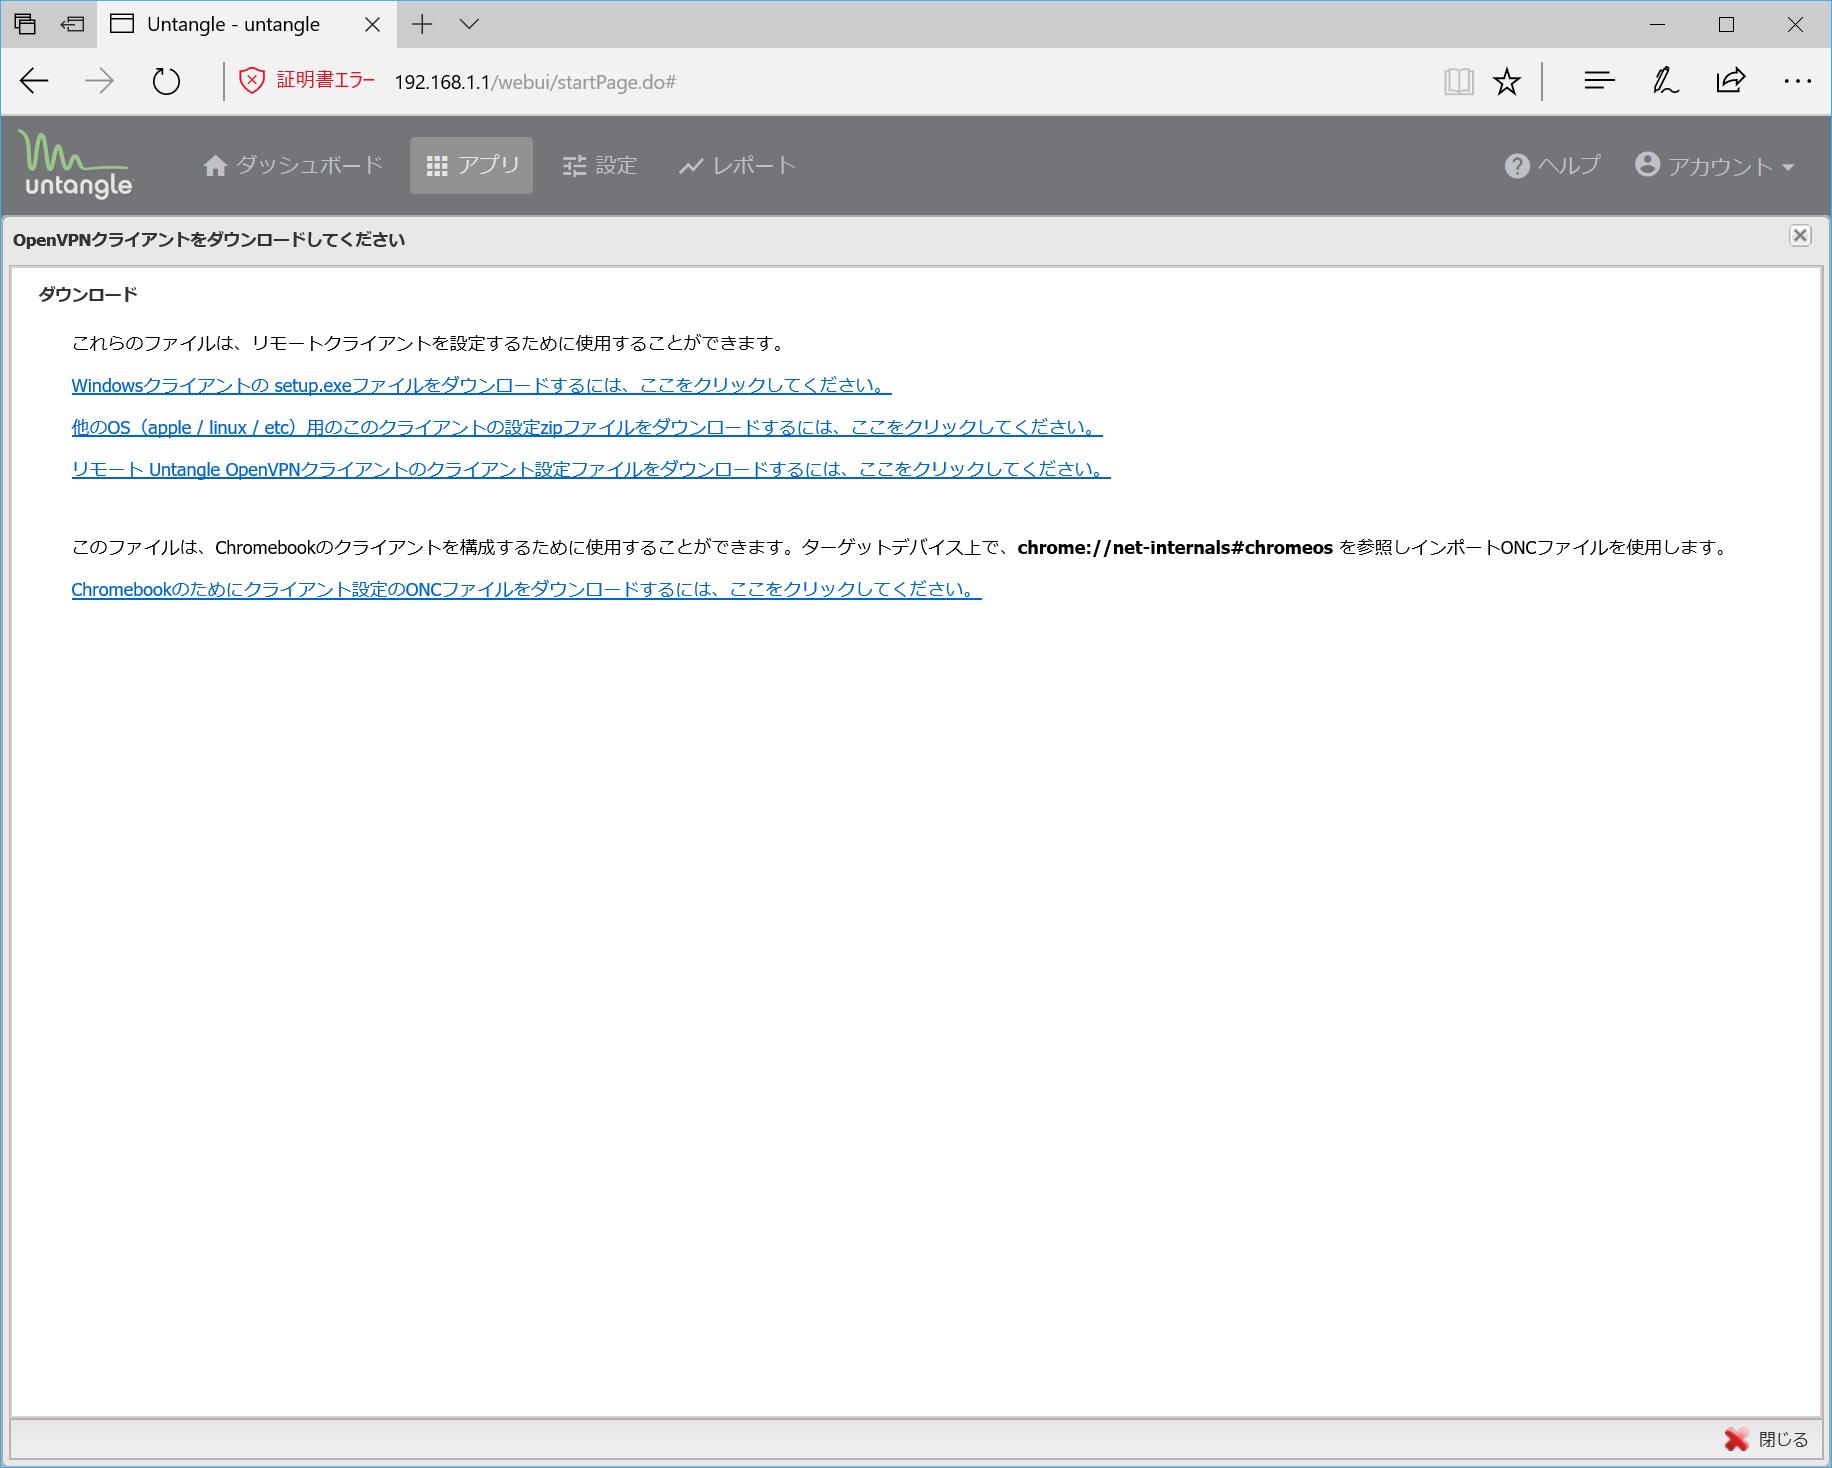 OpenVPN用クライアントを自動生成してダウンロード可能